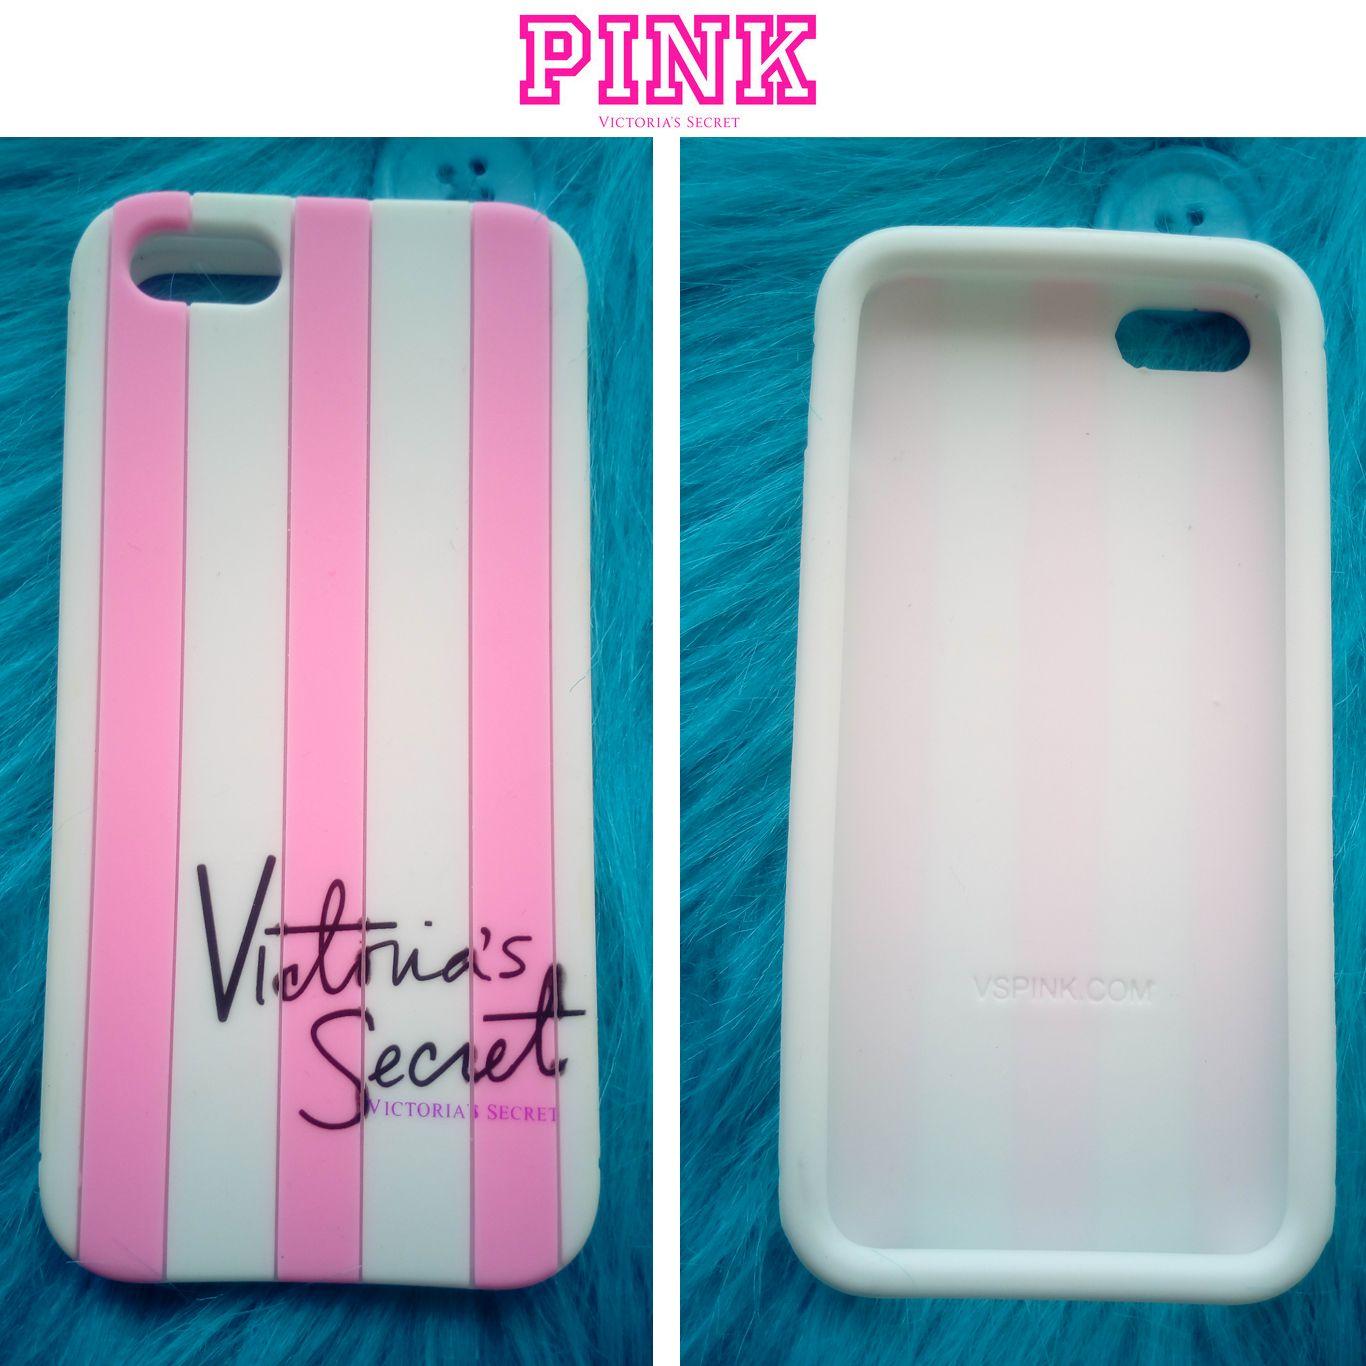 2a0ad0b731c Funda de Victoria Secret para Iphone 5/5S. En blanco. | fundas y ...